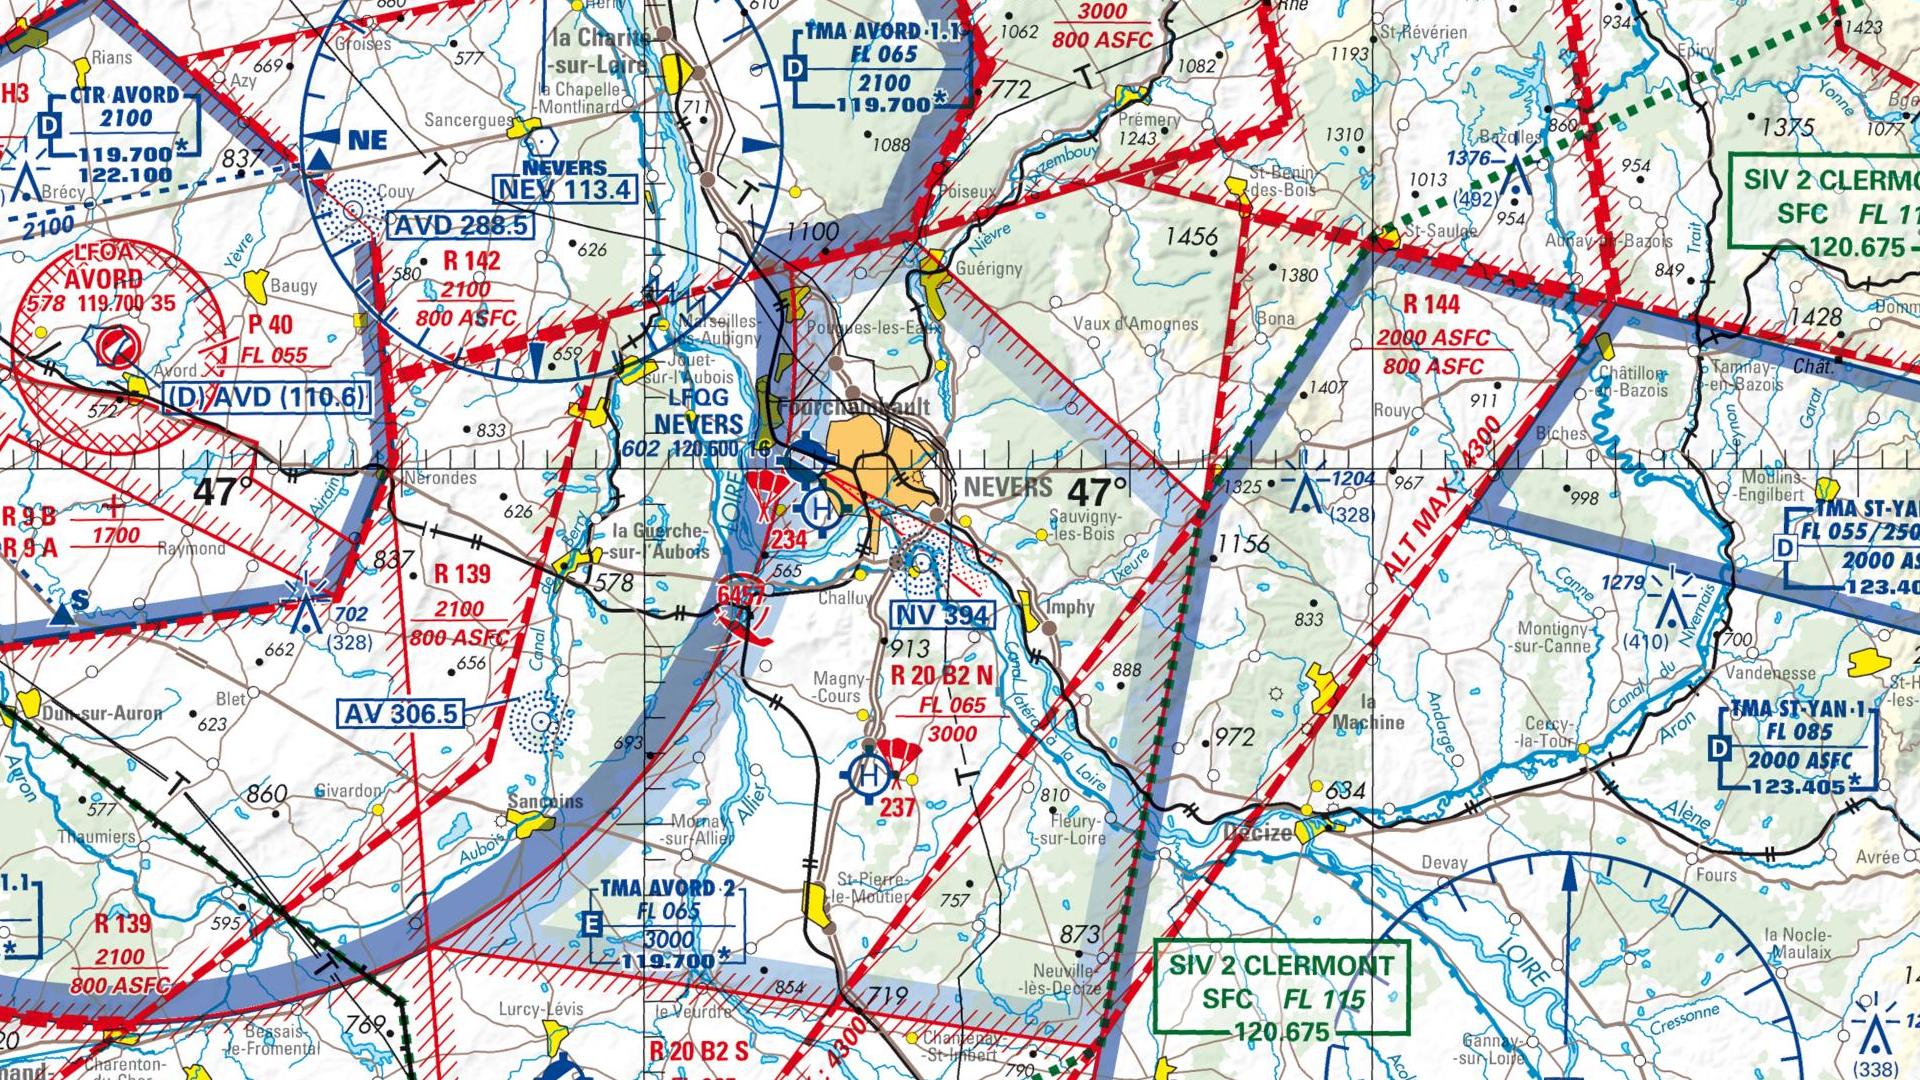 Réglementation drone à Saint eloi